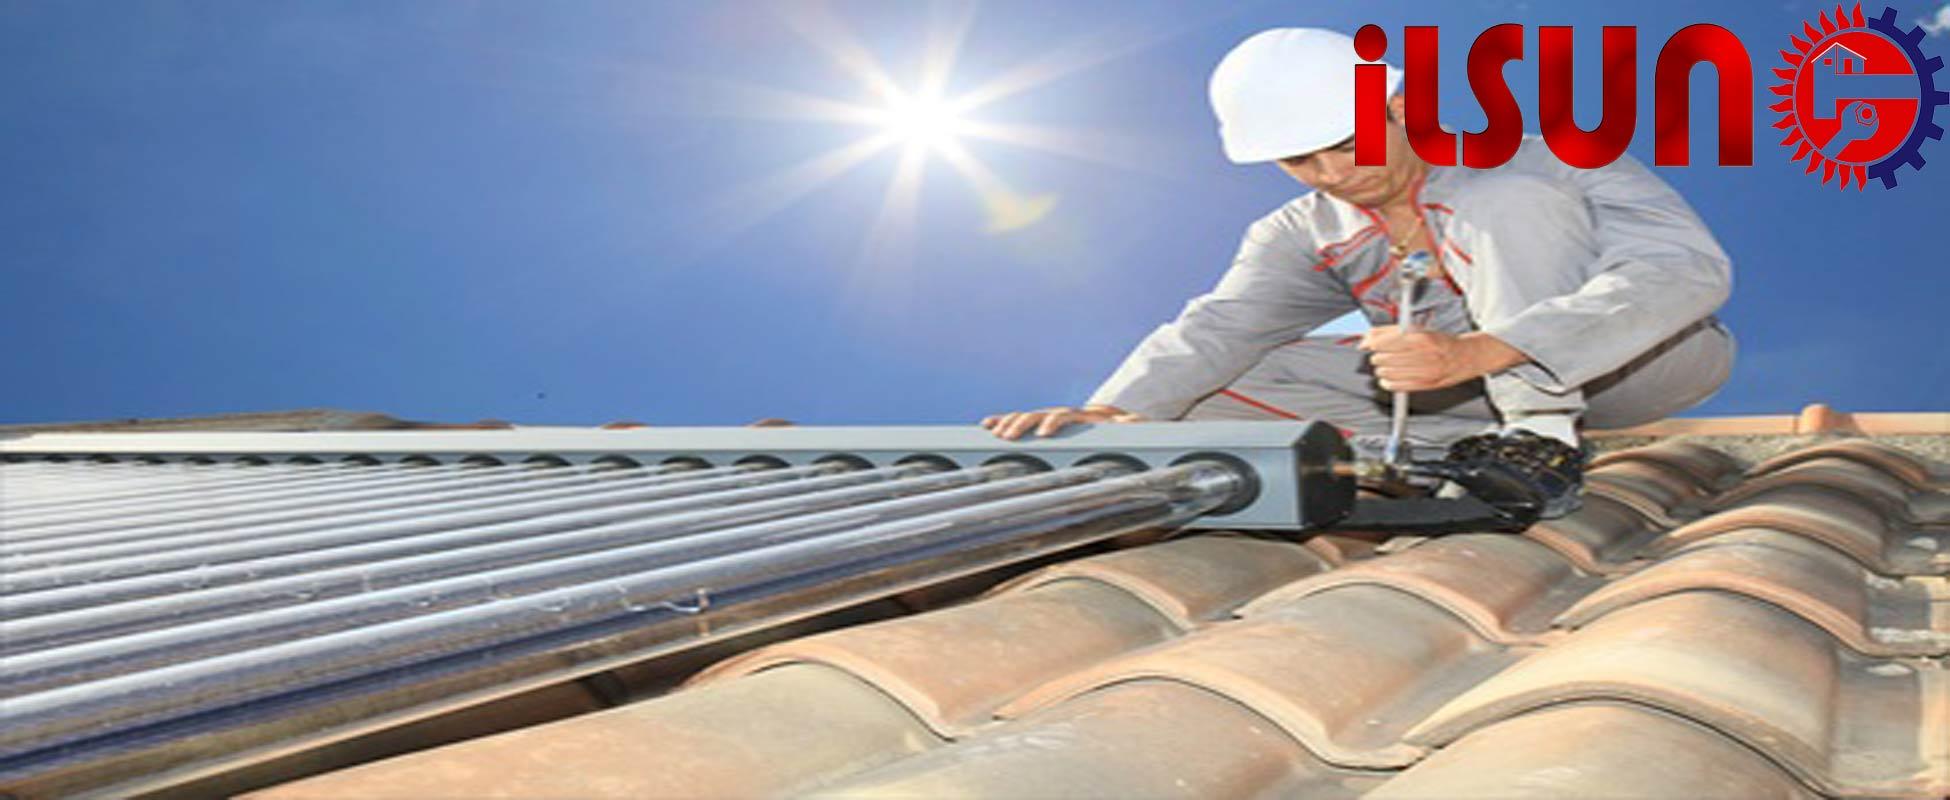 قسمت های اصلی یک آبگرمکن خورشیدی . خرید آبگرمکن خورشیدی